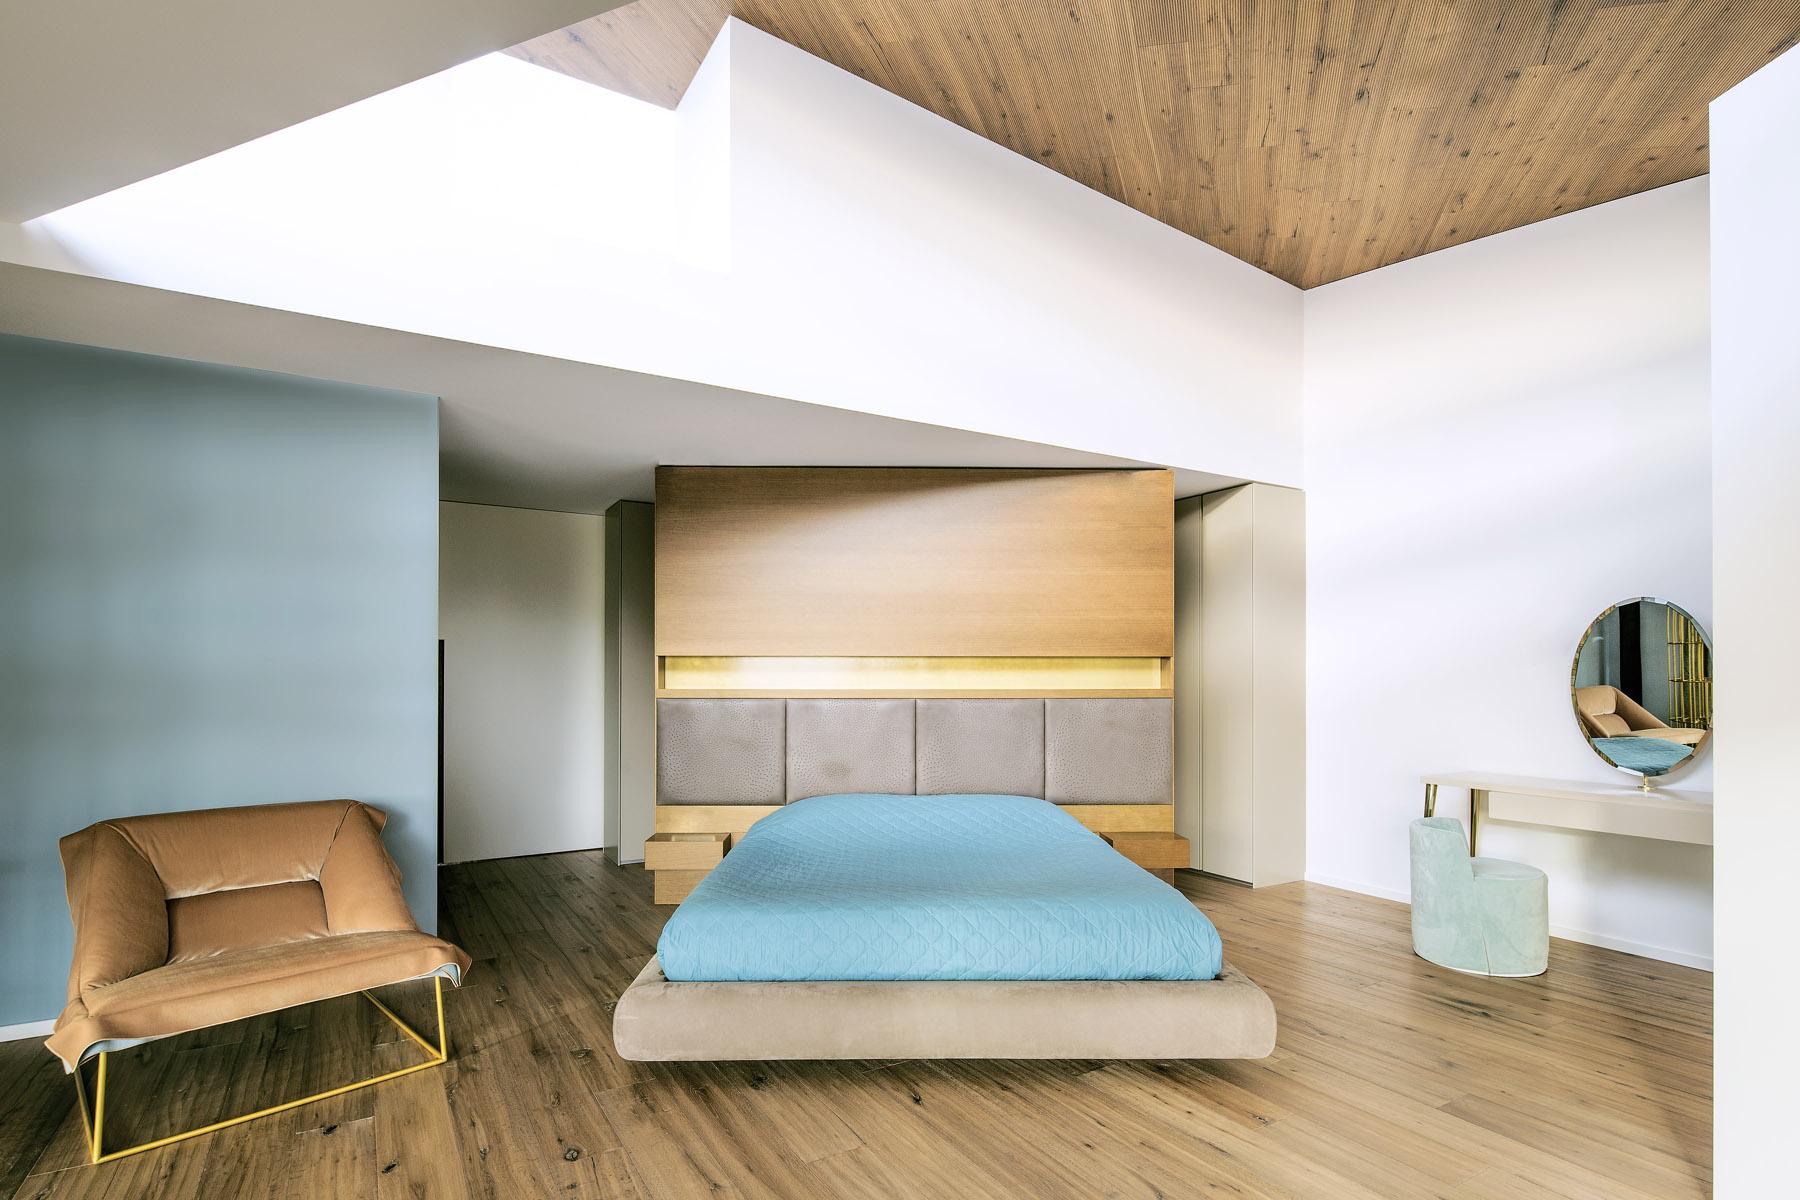 Progetto Cabrils - Parquet rovere Slide Tortora | Reserve Traccia | Decking Frassino